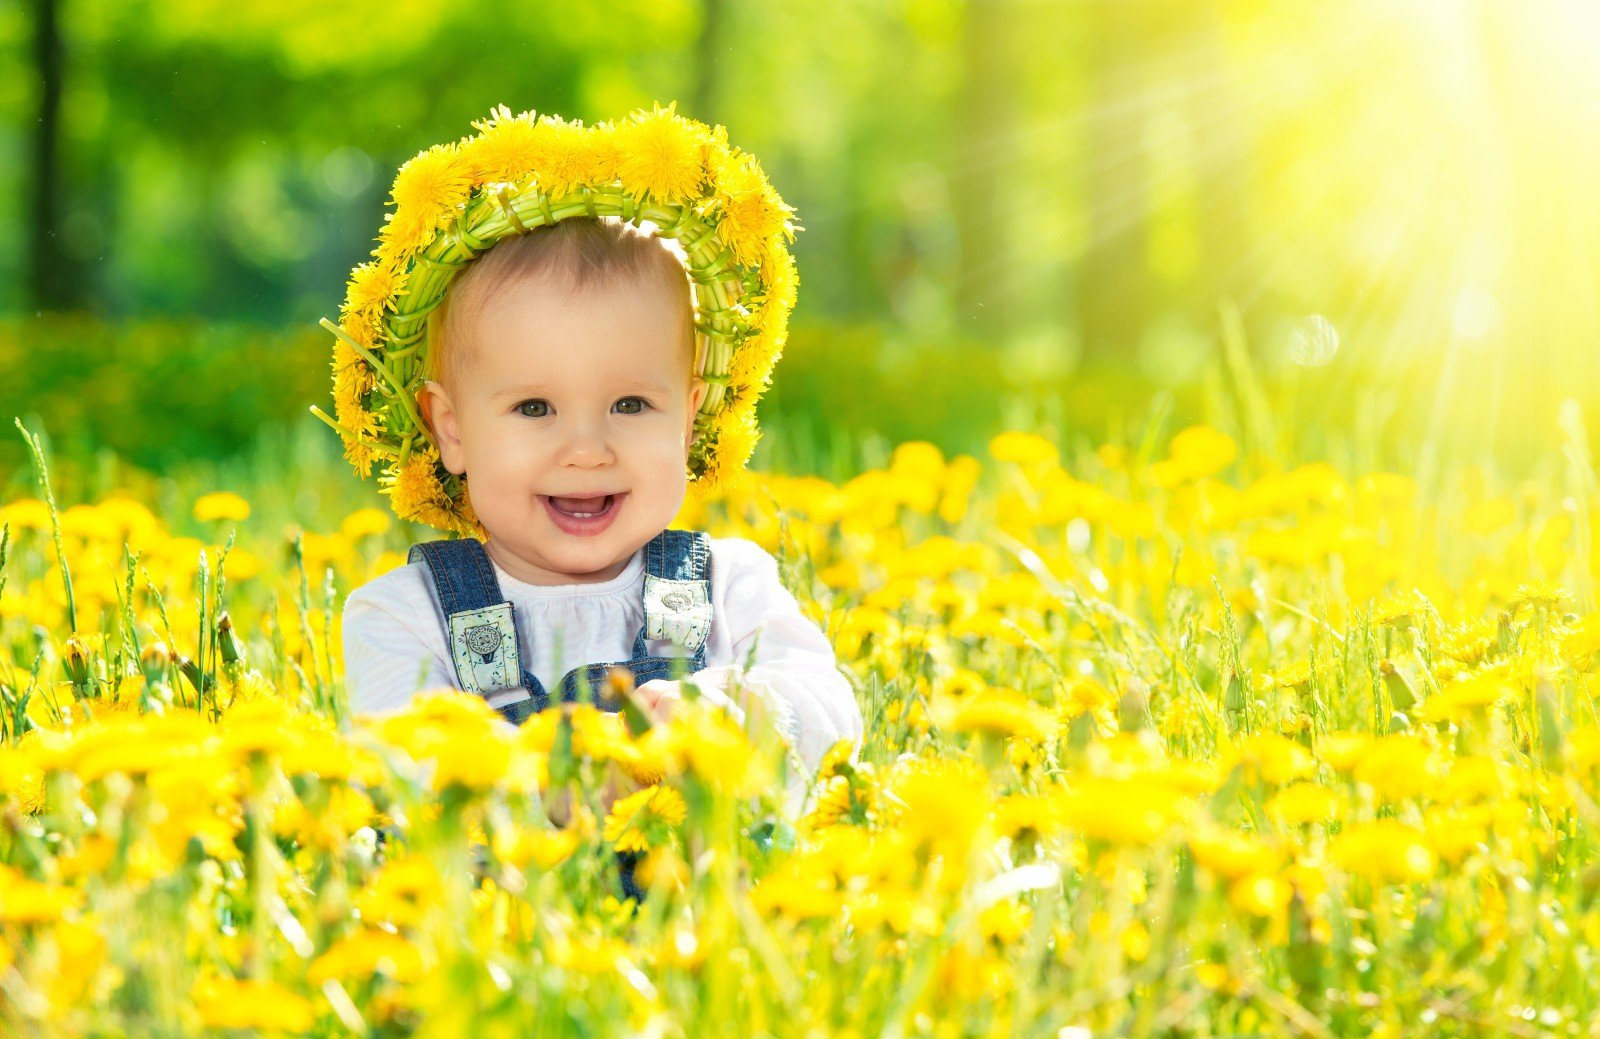 8 шпаргалок от семейного психолога, которые помогут воспитать эмоционально здорового ребенка